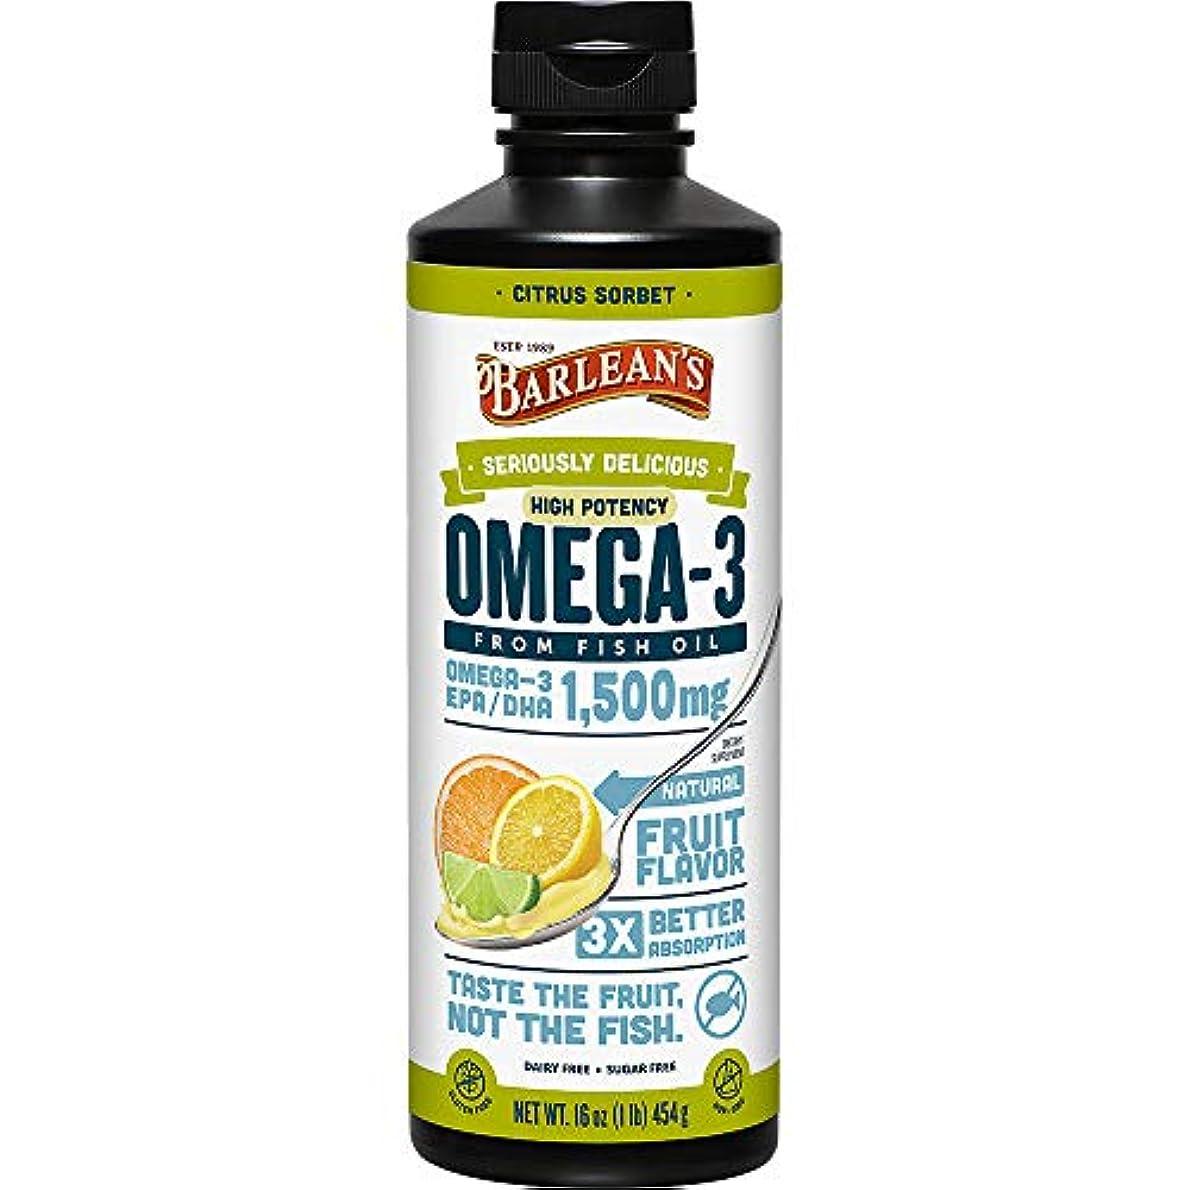 群衆荒れ地登録するOmega Swirl, Ultra High Potency Fish Oil, Citrus Sorbet - Barlean's - UK Seller by Barlean's